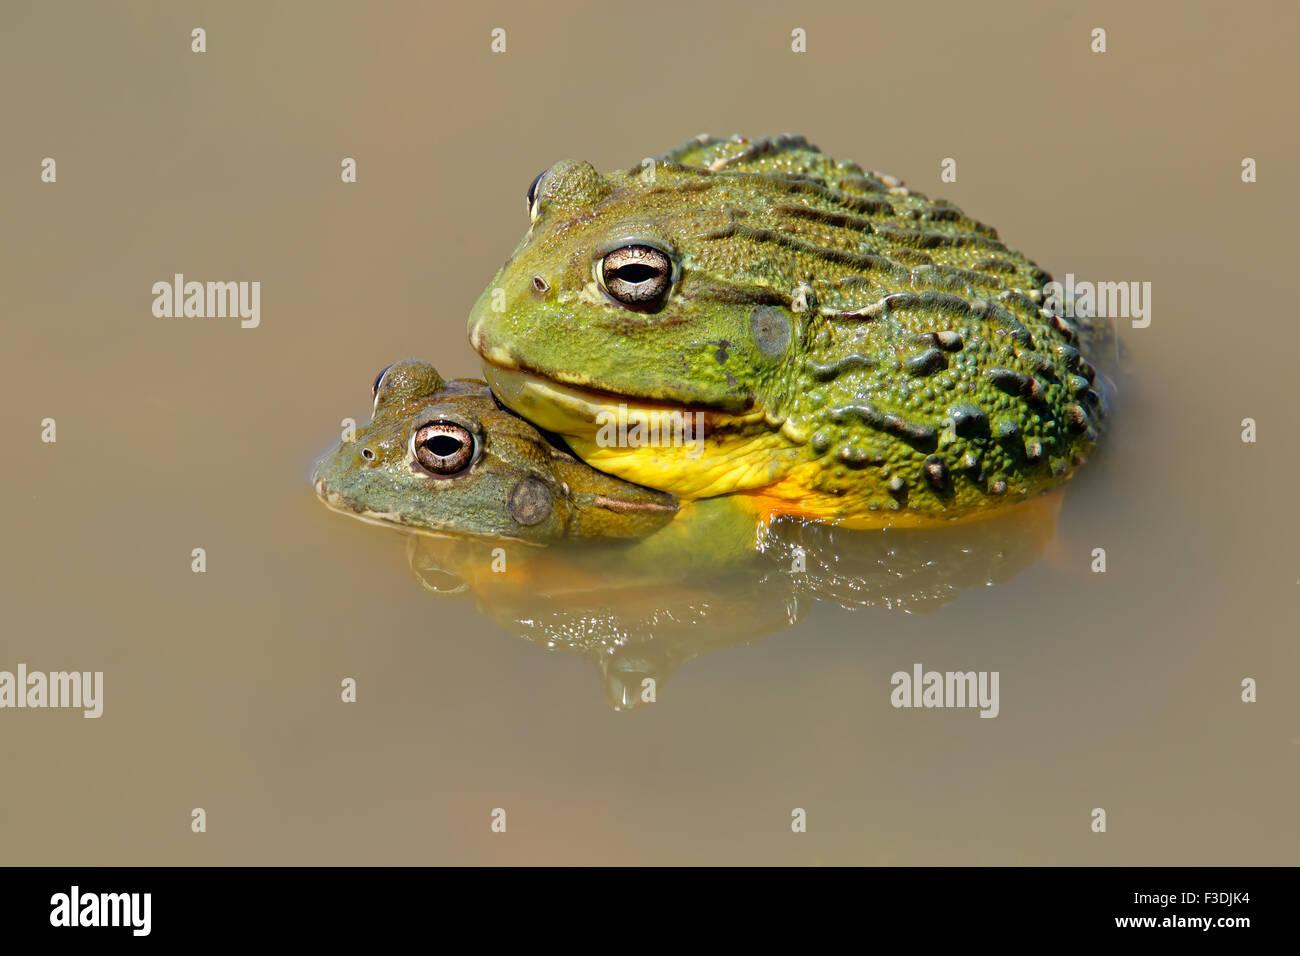 Un par de gigantes africanos bullfrogs (Pyxicephalus adspersus) apareamiento, Sudáfrica Imagen De Stock